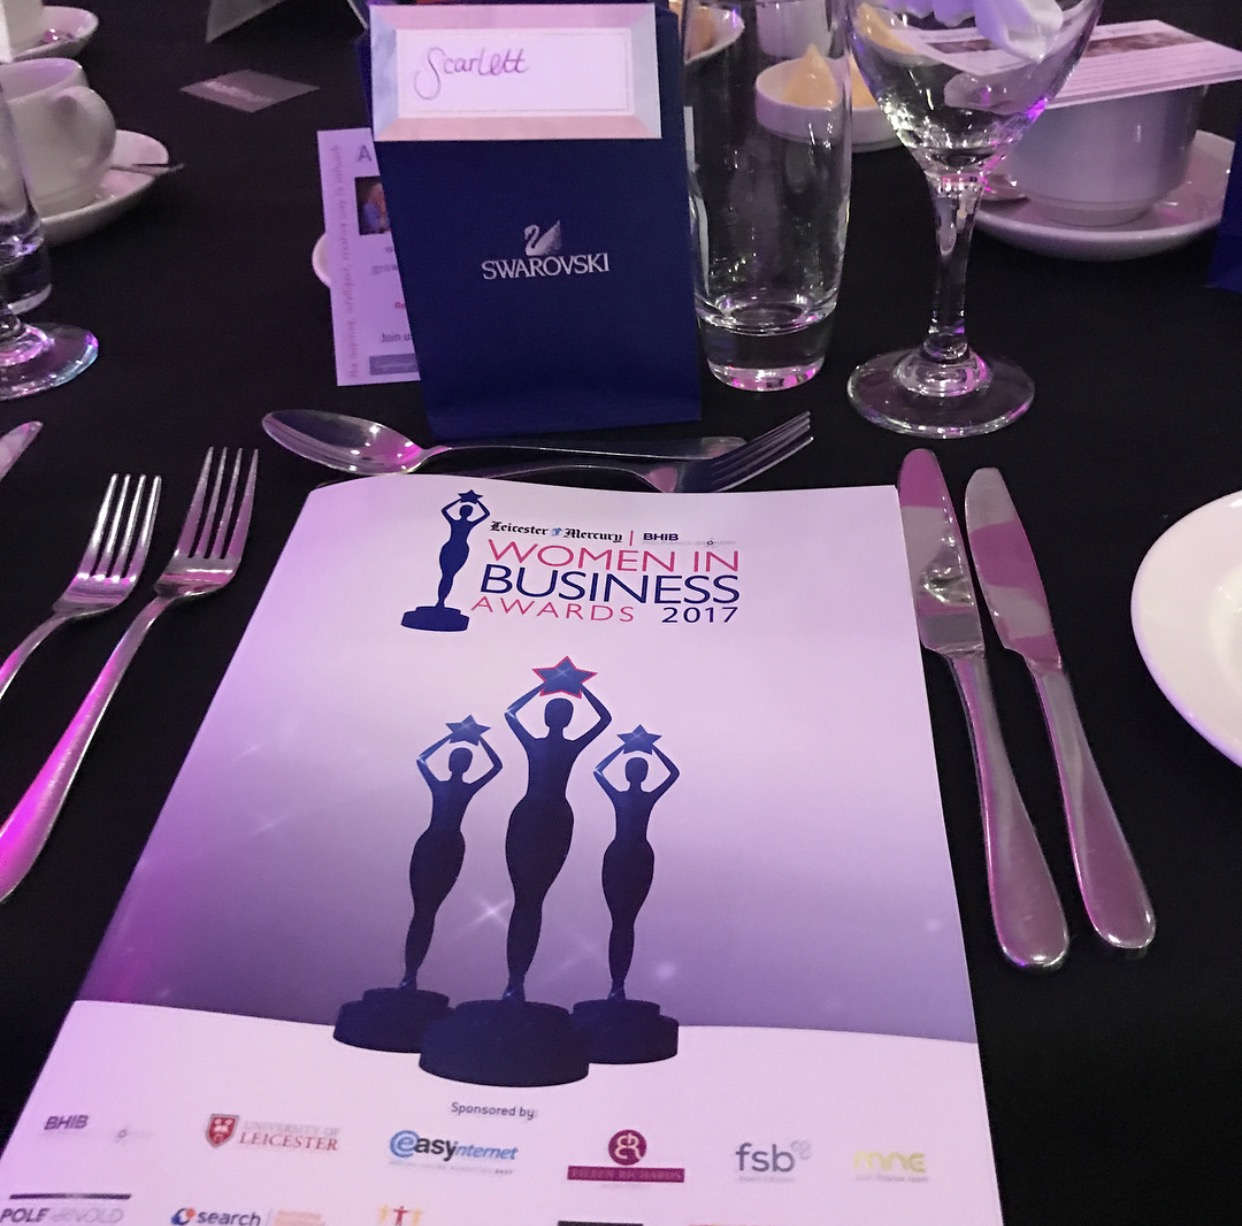 #LMWIB Awards 2017